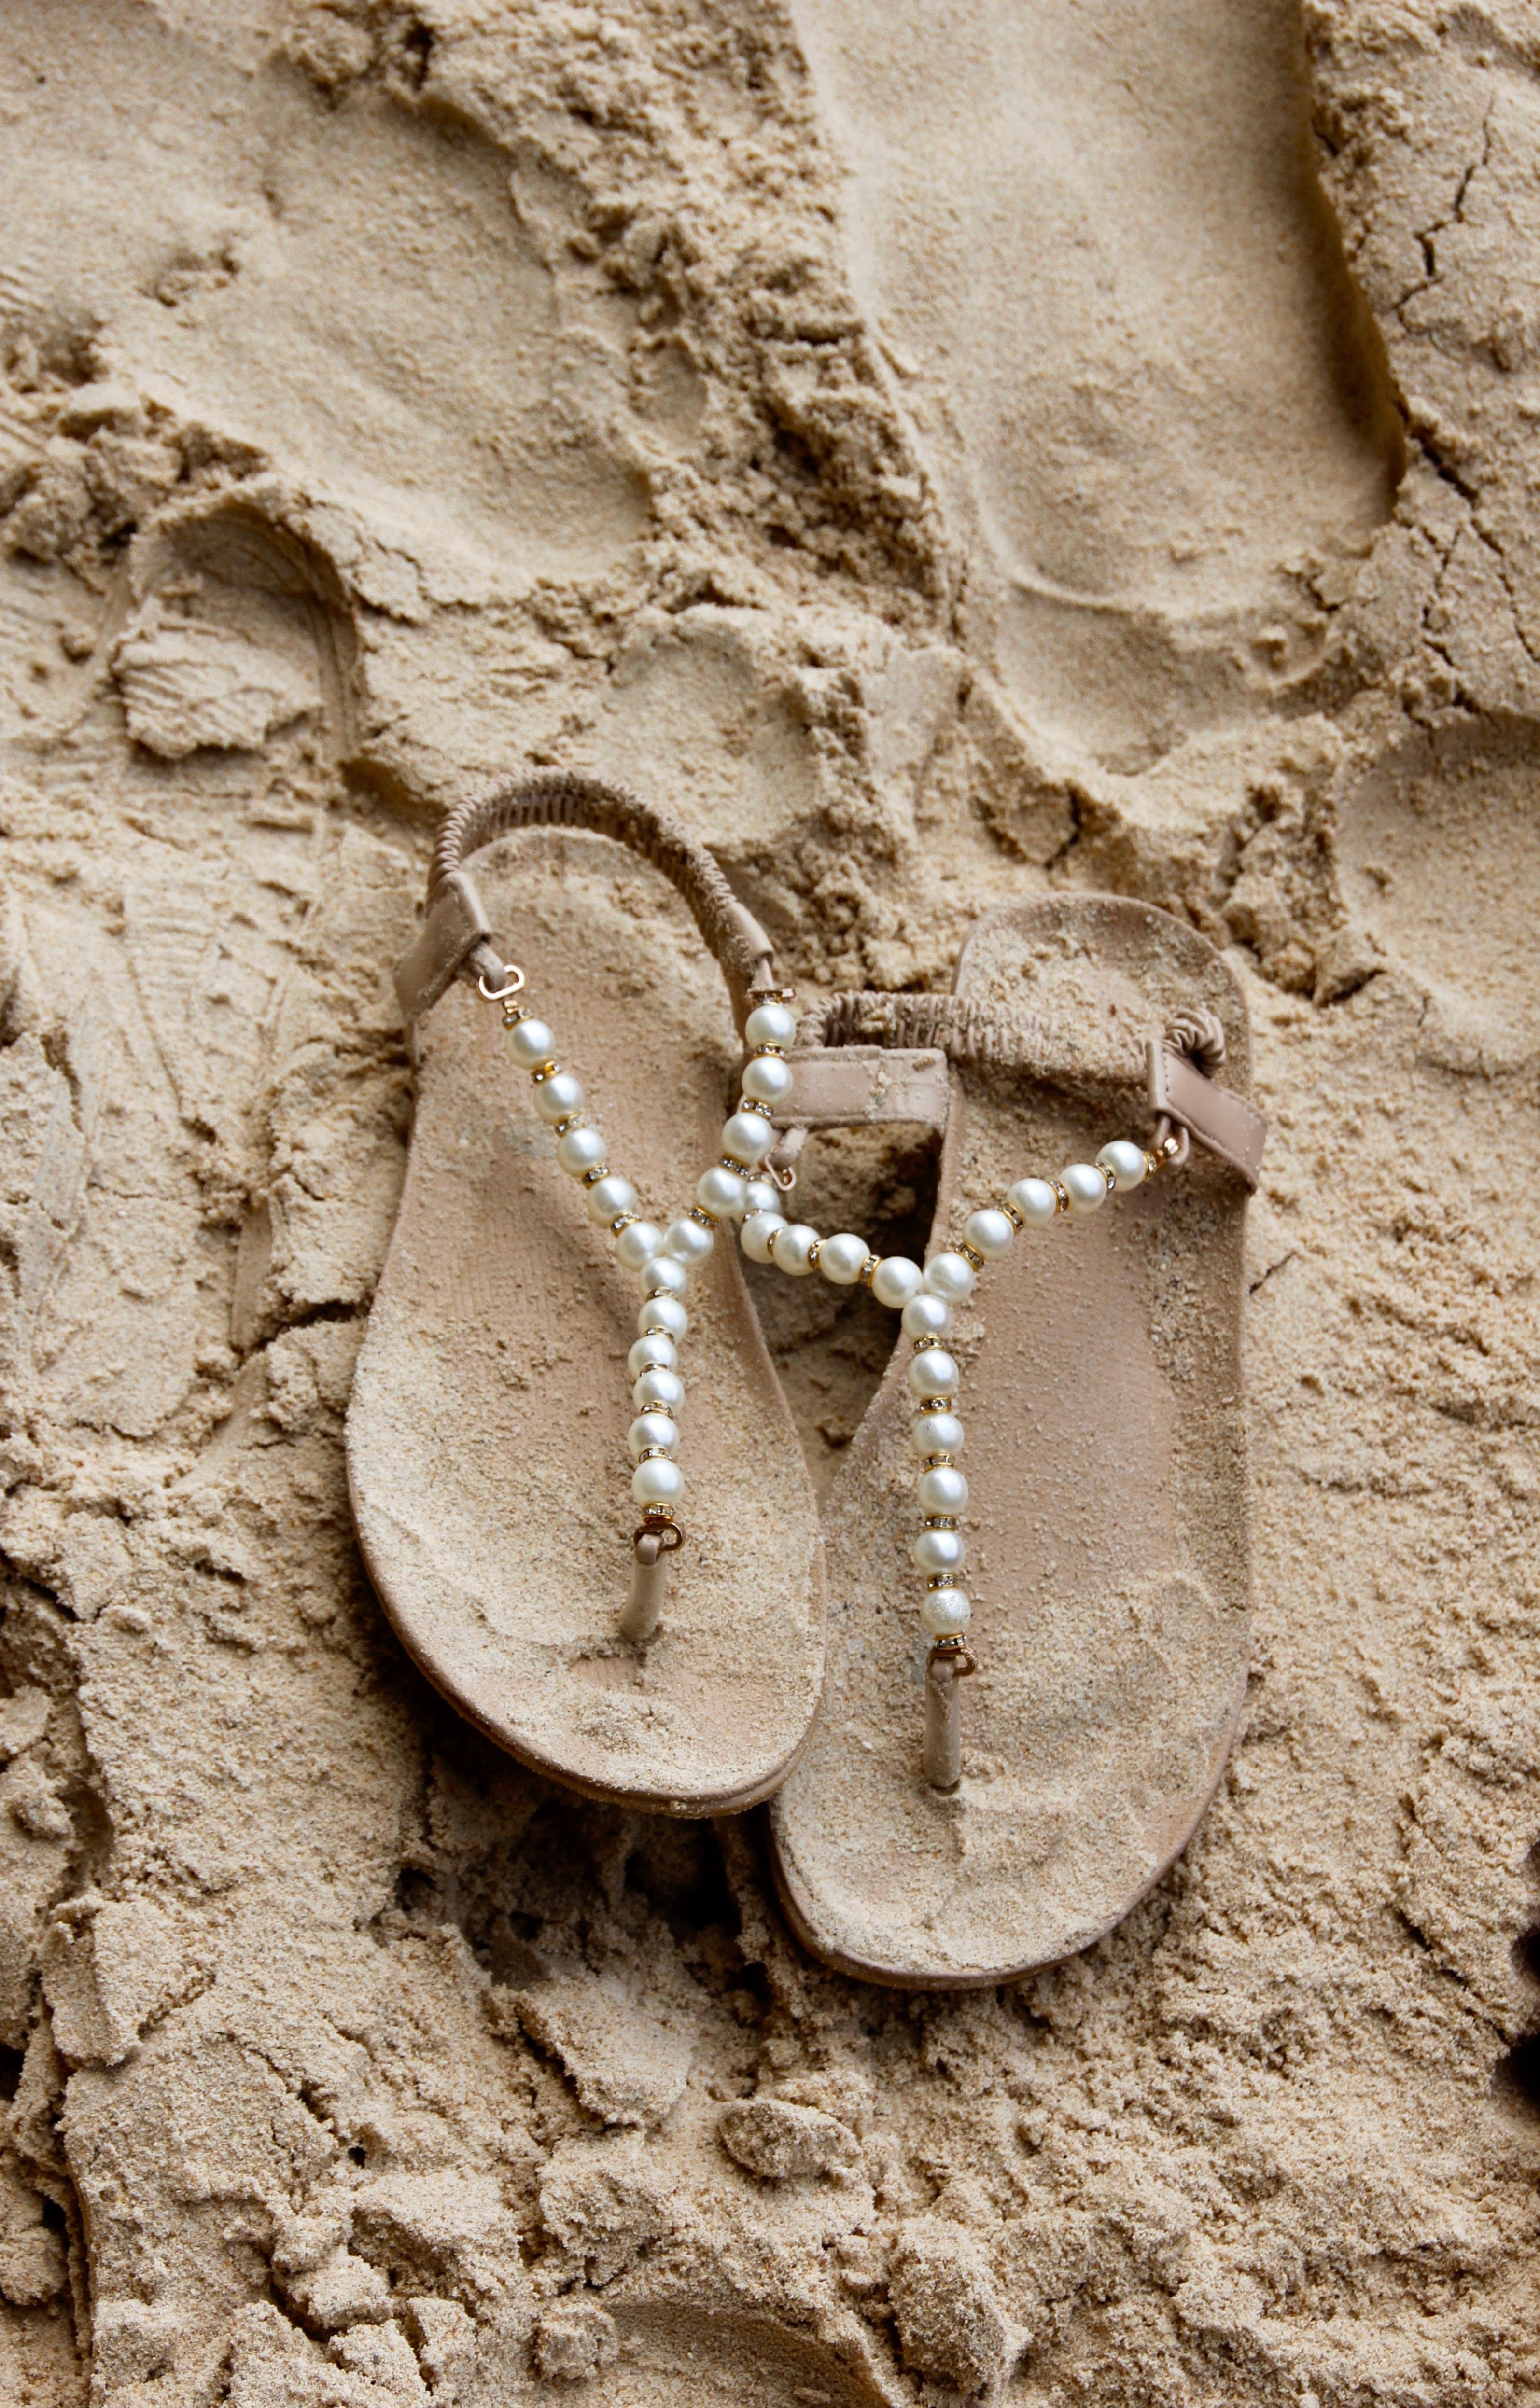 spiaggia sabbia roccia legna orma ciabatte infradito avvicinamento tracce nella  sabbia geologia tempio sandali calzature intaglio ad592e0b1d9